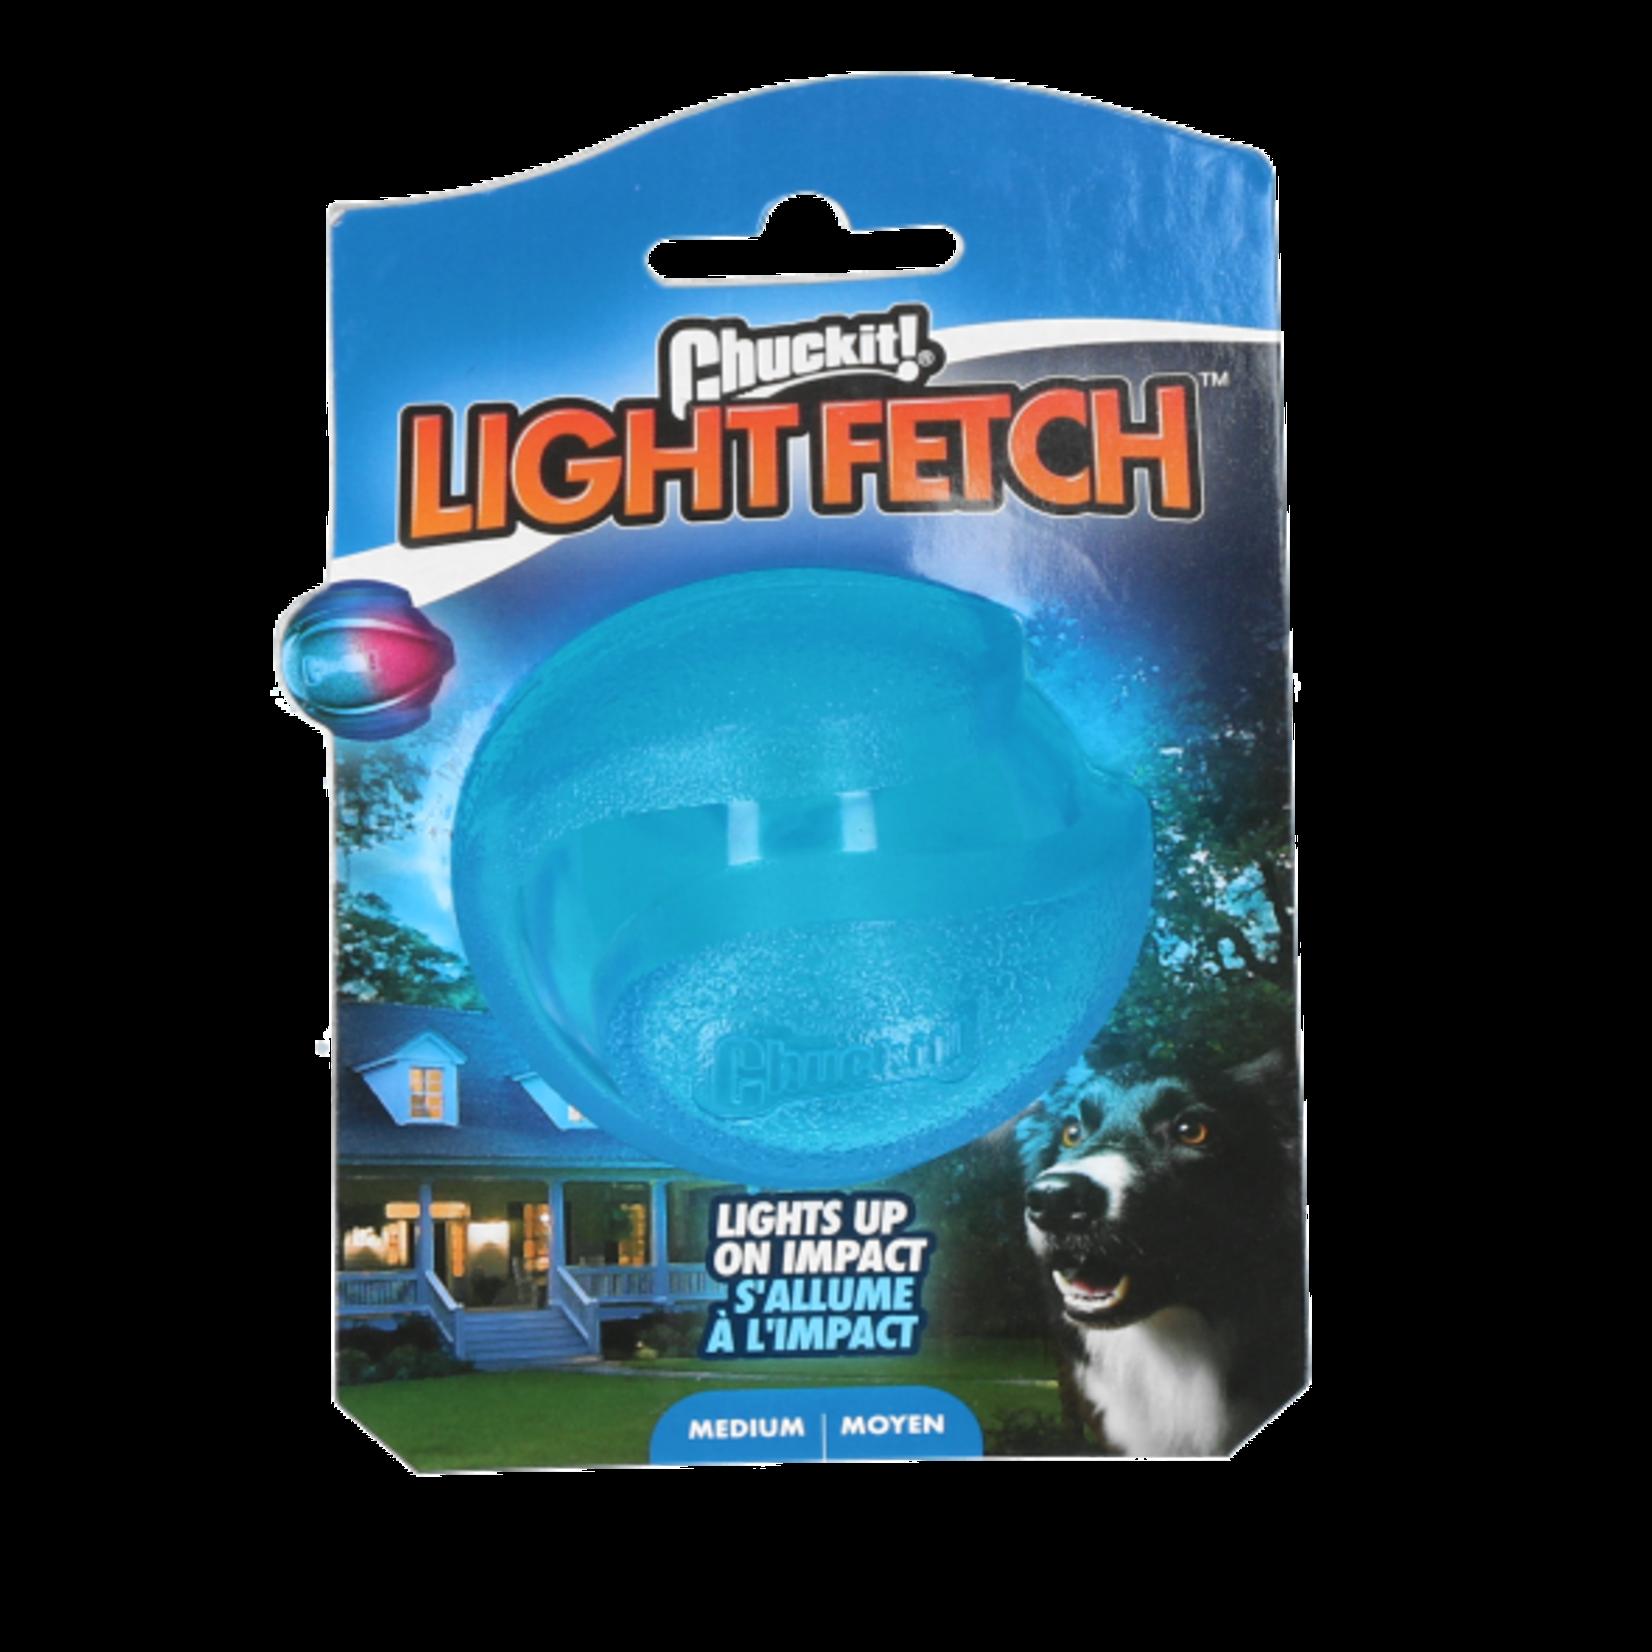 Hofman Chuckit Light Fetch Ball